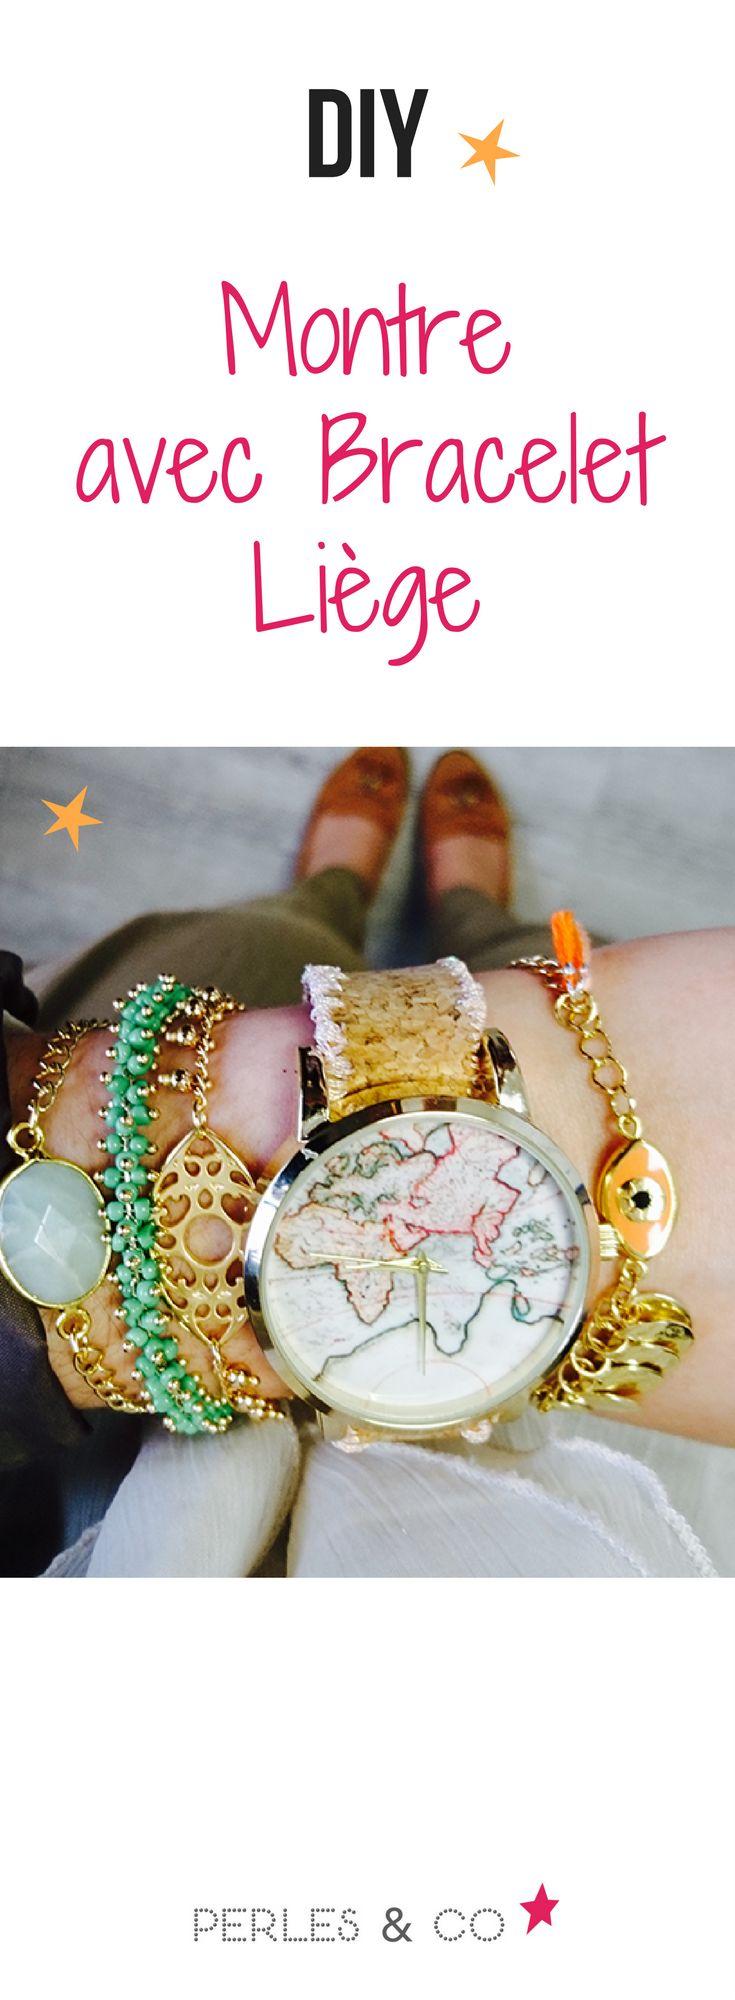 Comment fabriquer votre propre montre ? Ce DIY (Do It Yourself) vous apprend comment créer une montre originale avec un bracelet en tissu liège. Plus besoin de dépenser beaucoup d'argent pour l'achat de votre montre, celle-ci est facile et rapide à faire, et vous pourrez dire que c'est vous qui l'avez faite ! #diy #montre #tutoriel #liège #cadran